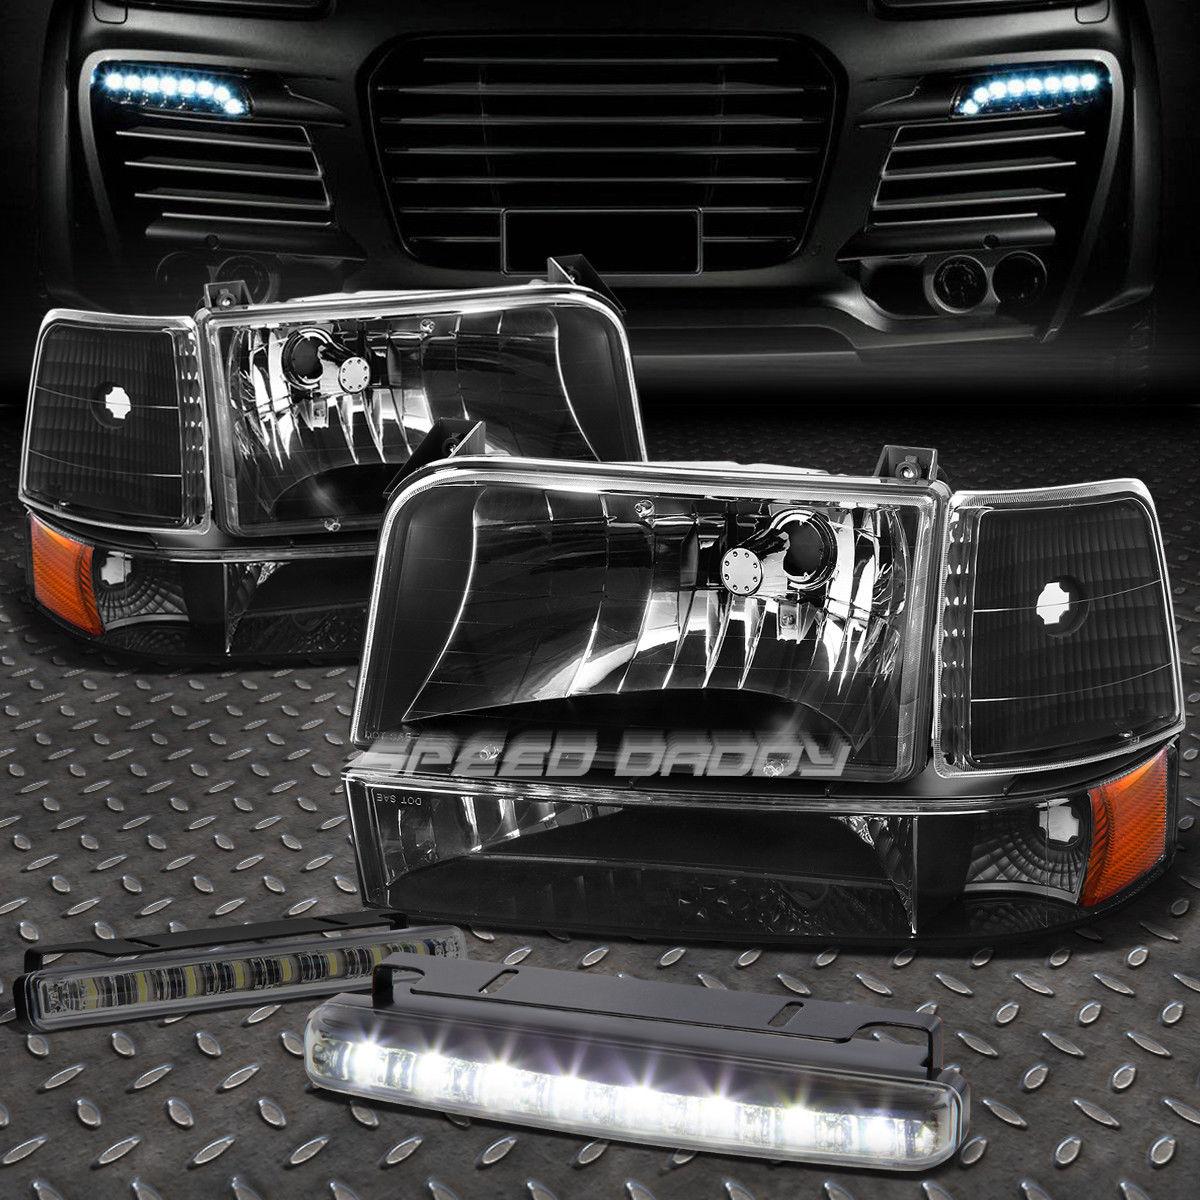 フォグライト BLACK LENS HEADLIGHT AMBER CORNER+8 LED SMOKE FOG LIGHT FOR 92-96 F-SERIES ブラックレンズヘッドライトアンバーコーナー+ 92-96 Fシリーズ用8個のLED煙霧ライト